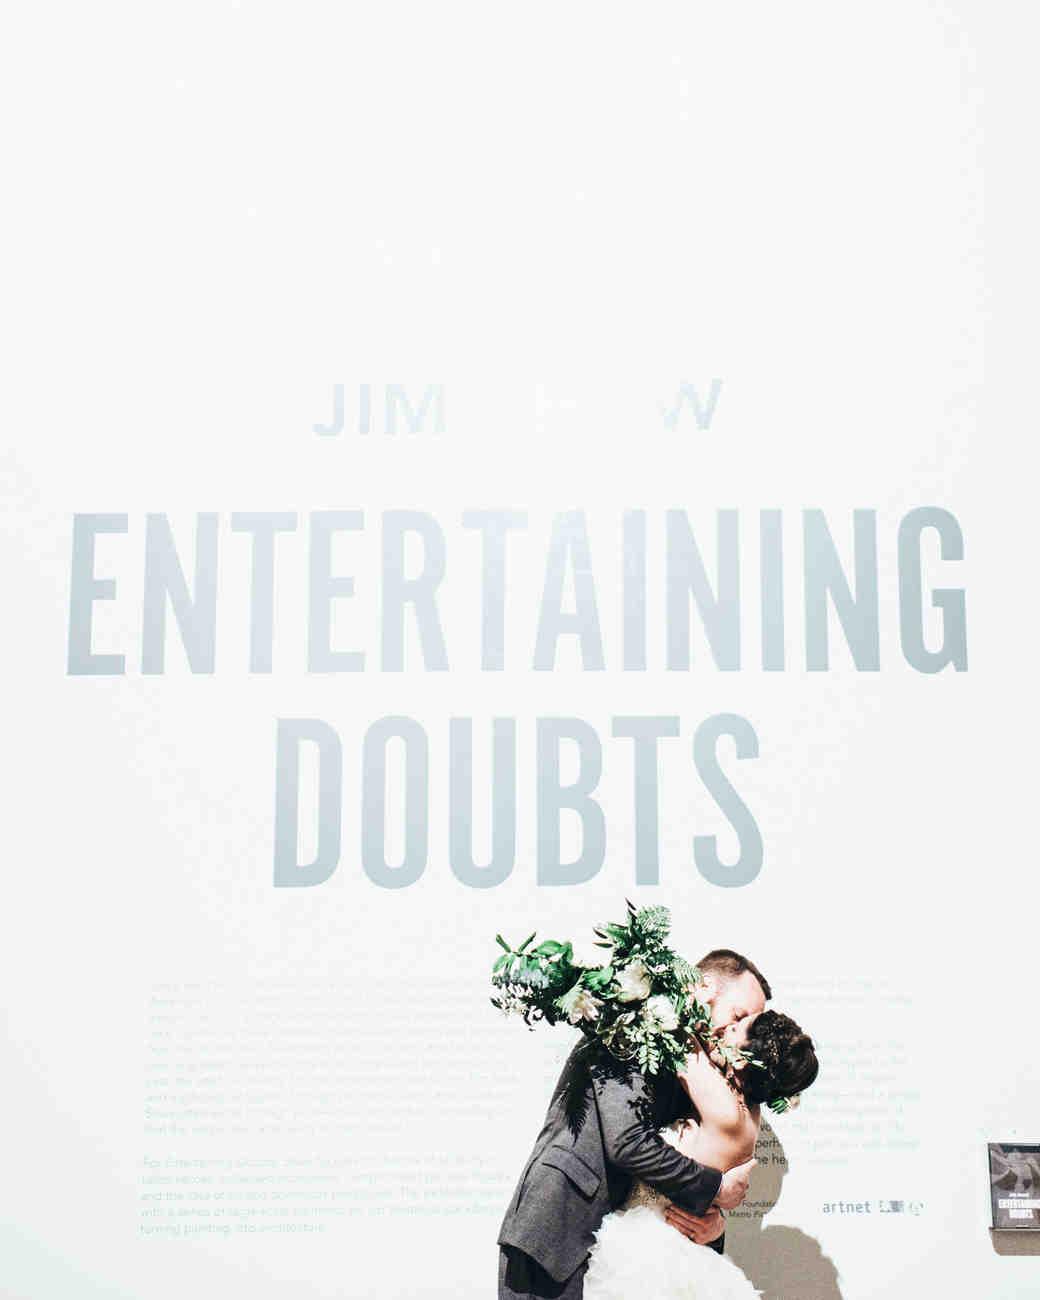 moira-dustin-wedding-cocktail-couple-hug-museum-322-s112717.jpg